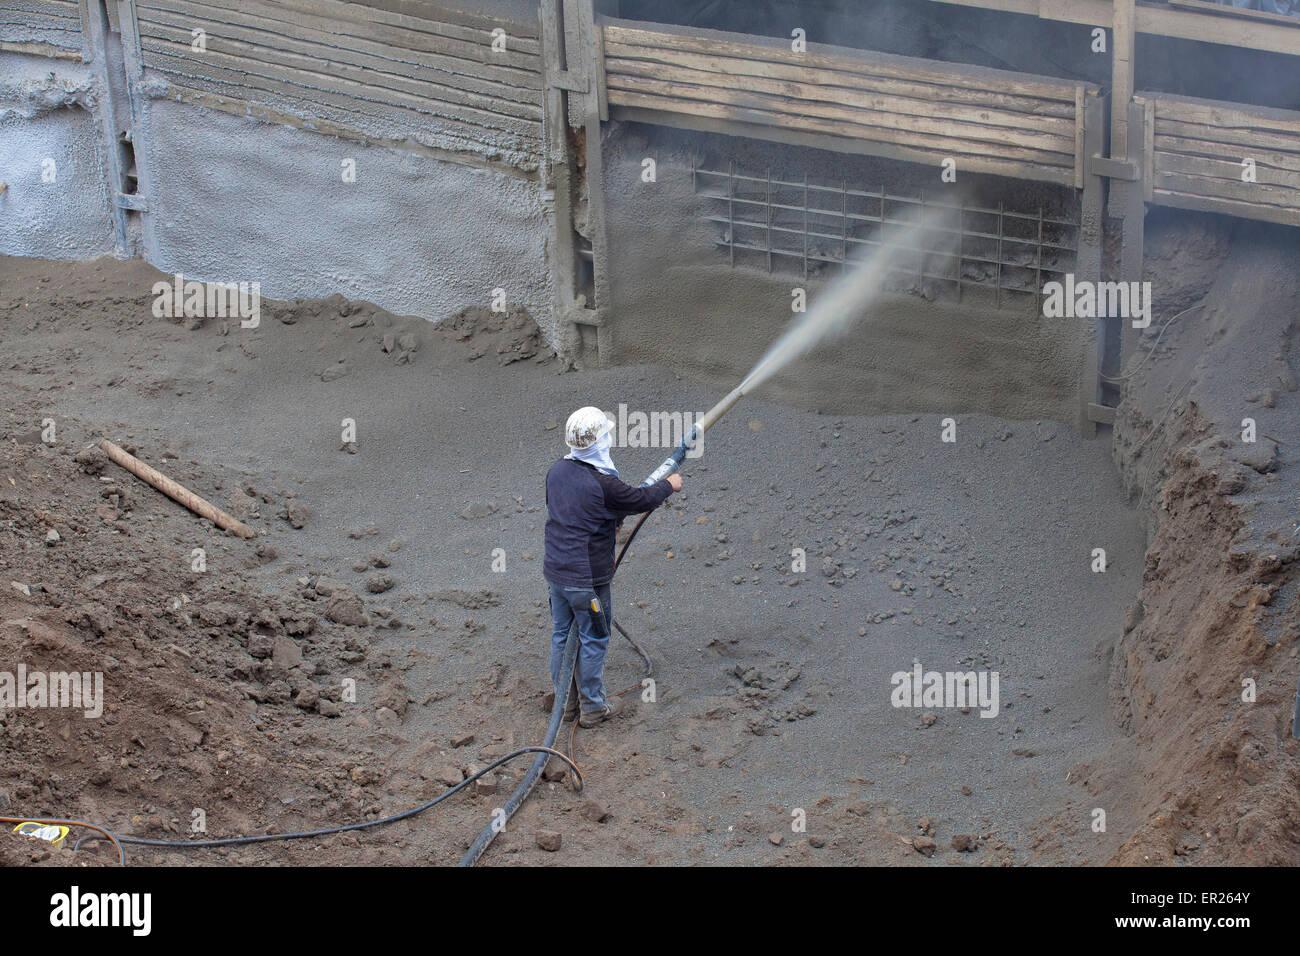 Europa, Deutschland, Nordrhein-Westfalen, Koeln, Grossbaustelle, Arbeiter traegt Spritzbeton fuer eine Spundwand Stock Photo